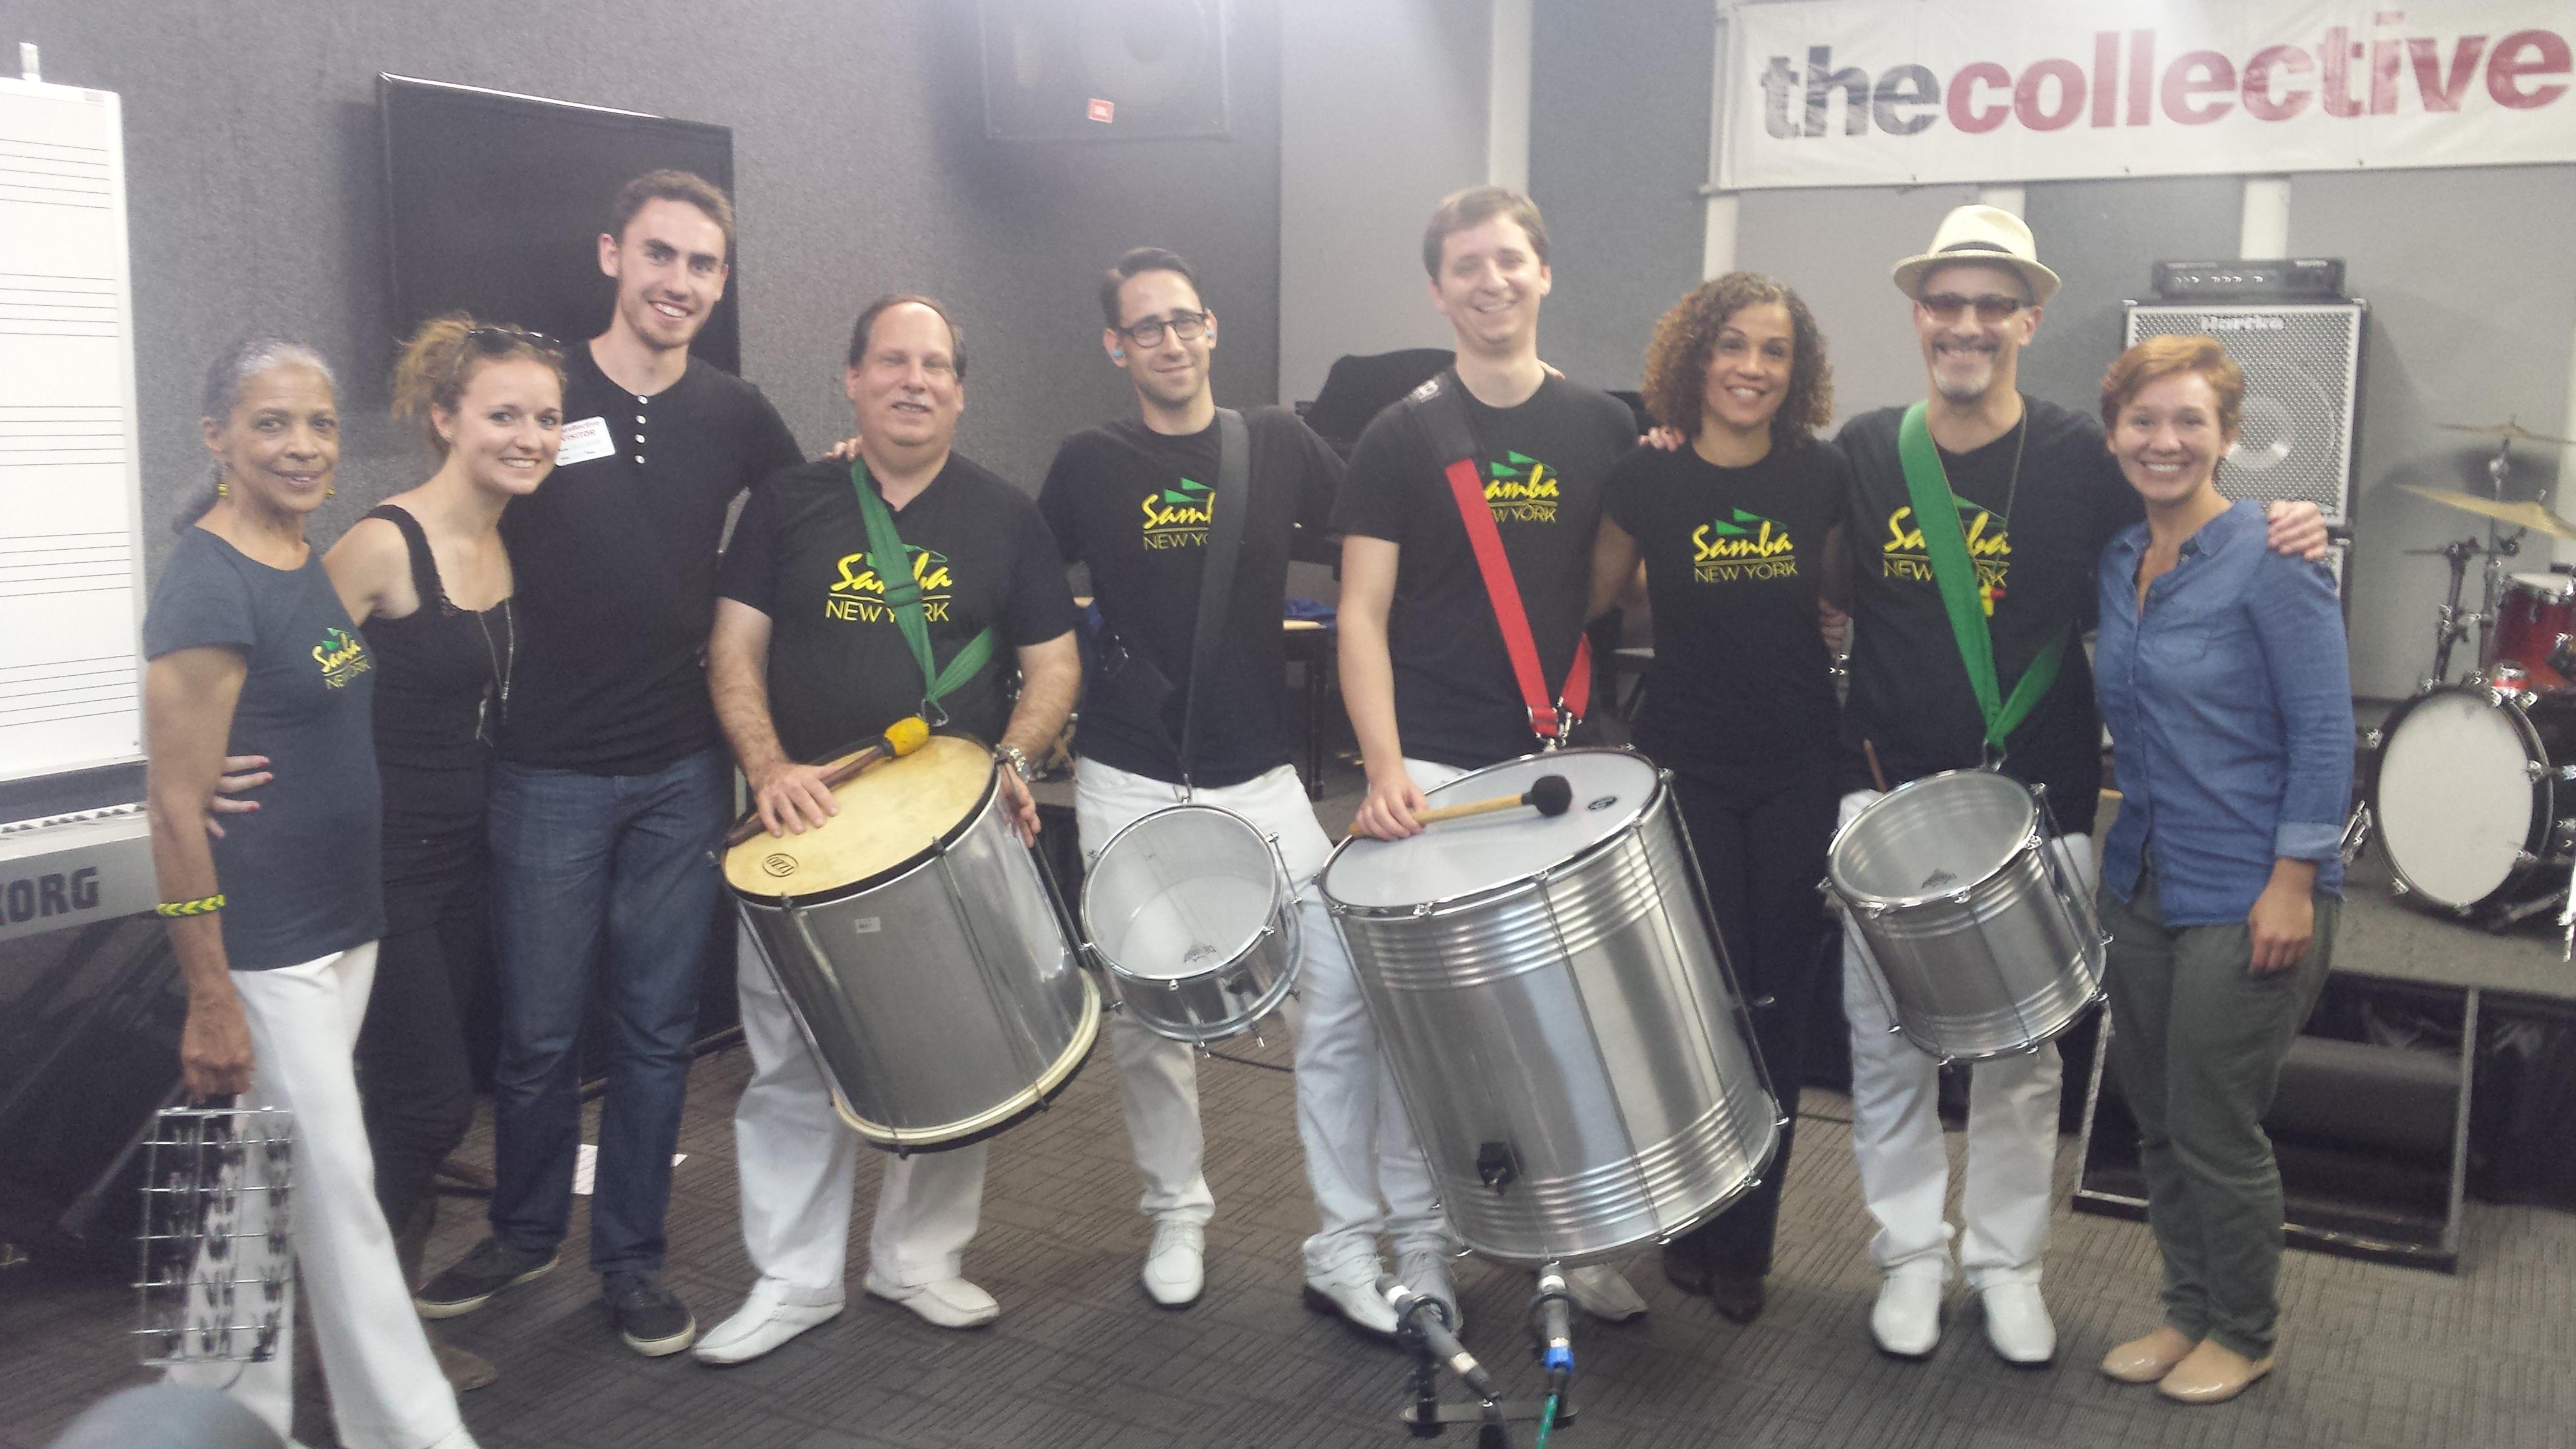 Samba New York